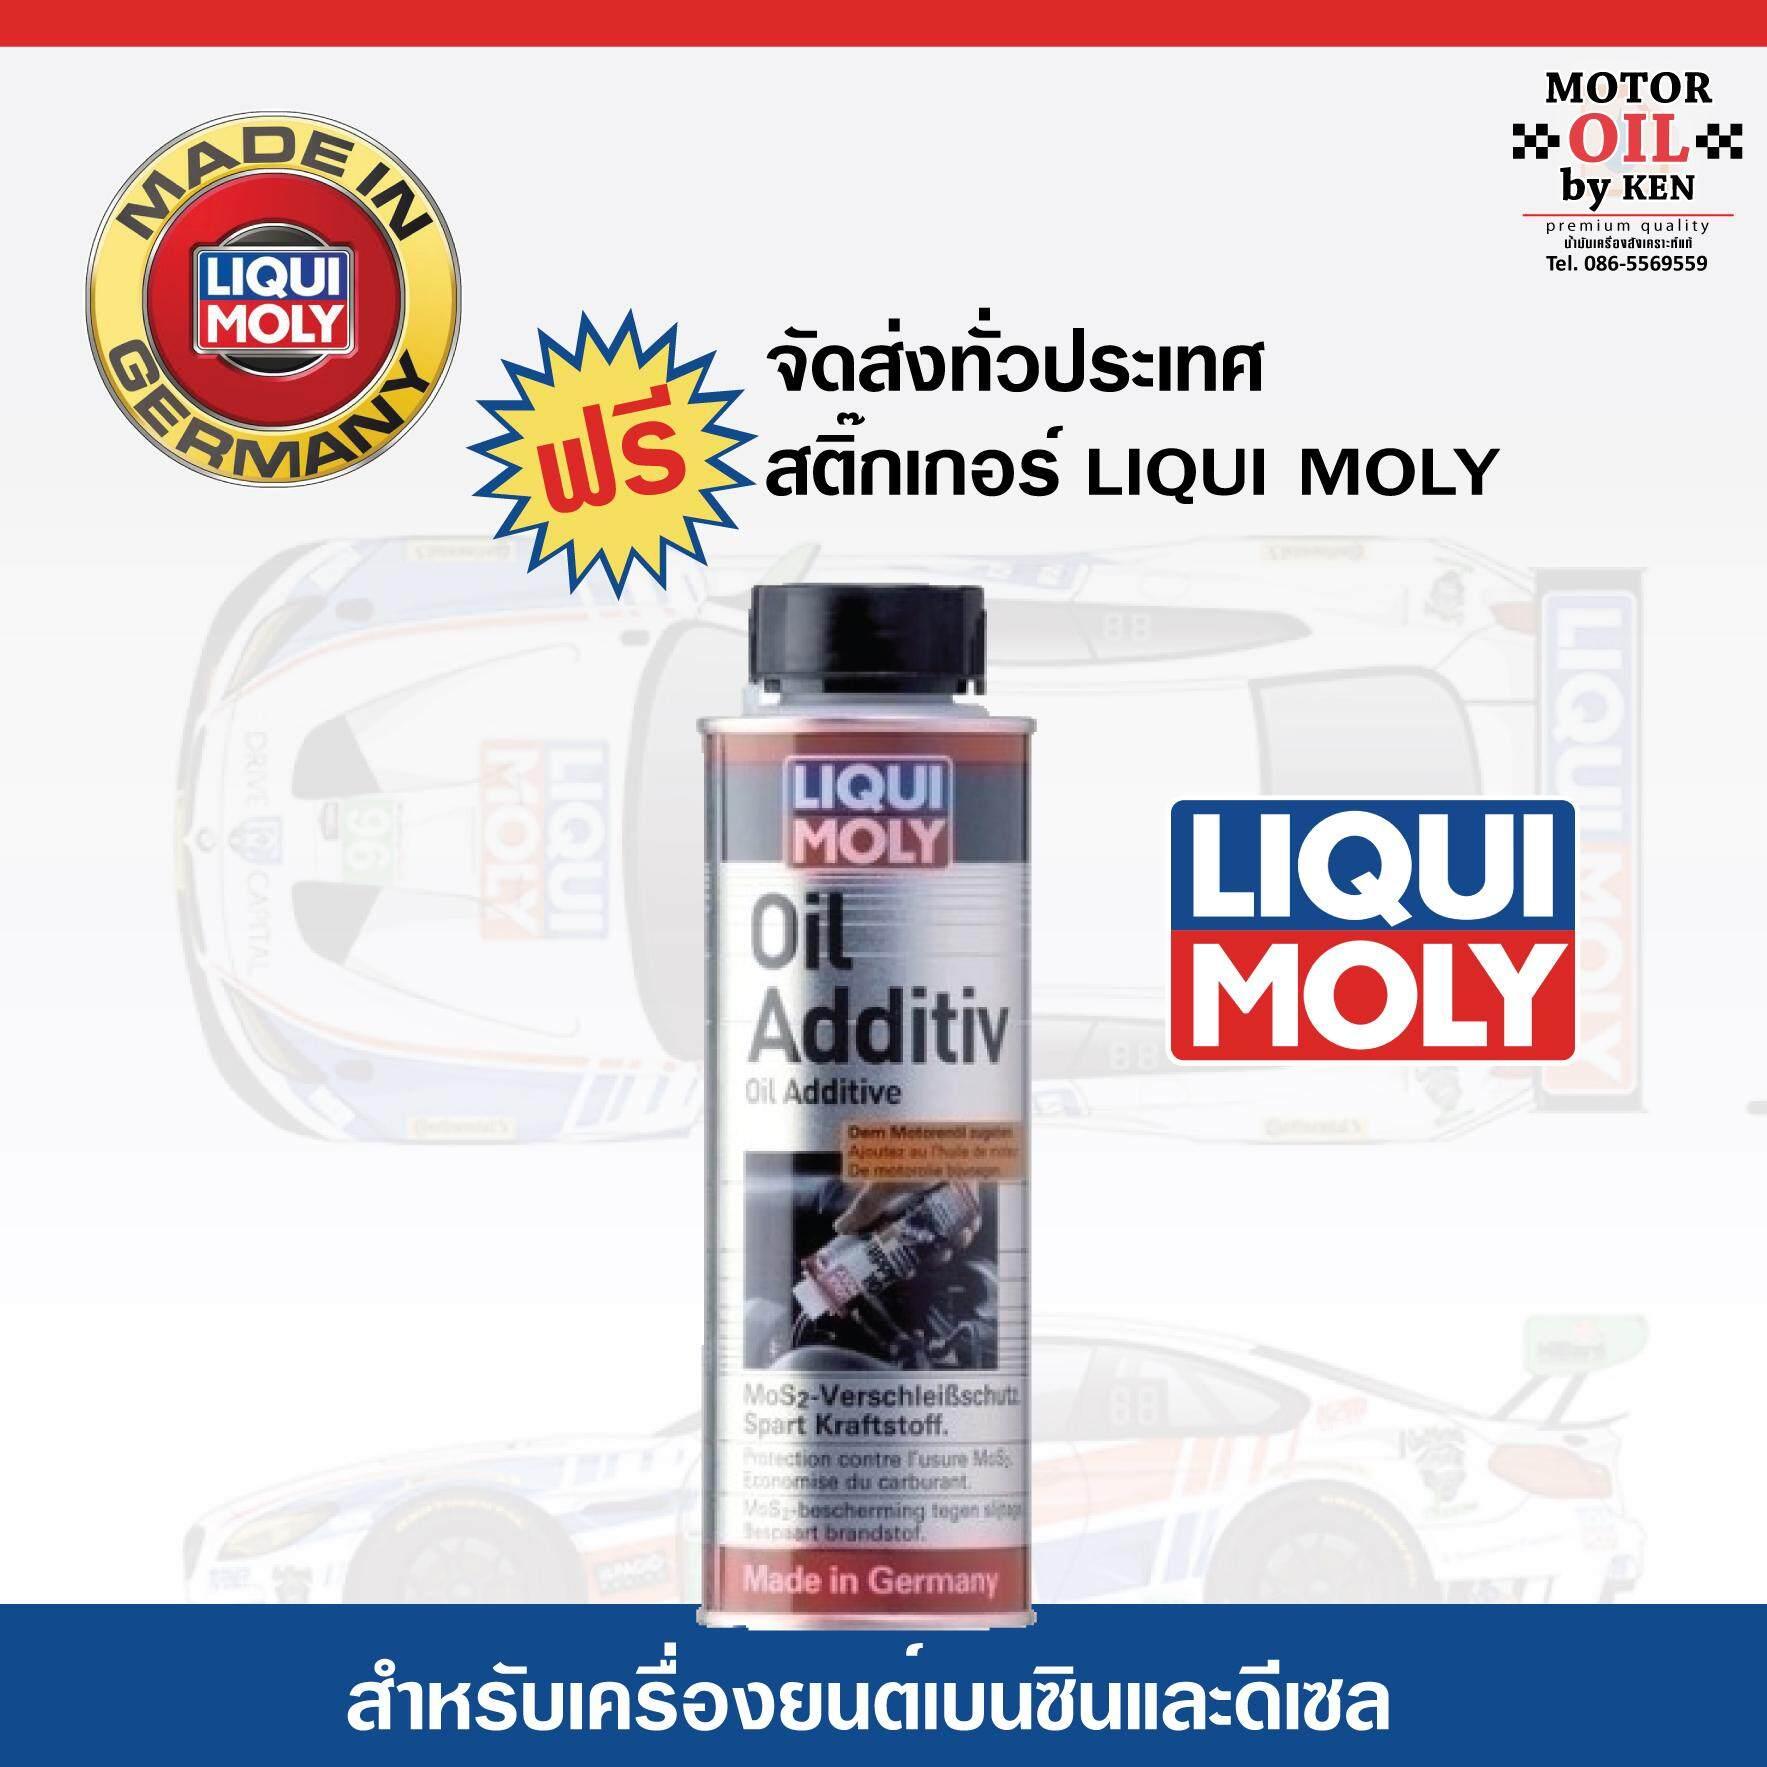 Liqui Moly Oil Additive หัวเชื้อน้ำมันเครื่อง สารเคลือบเครื่องยนต์ สำหรับเครื่องยนต์ทั้งเบนซินและดีเซล.